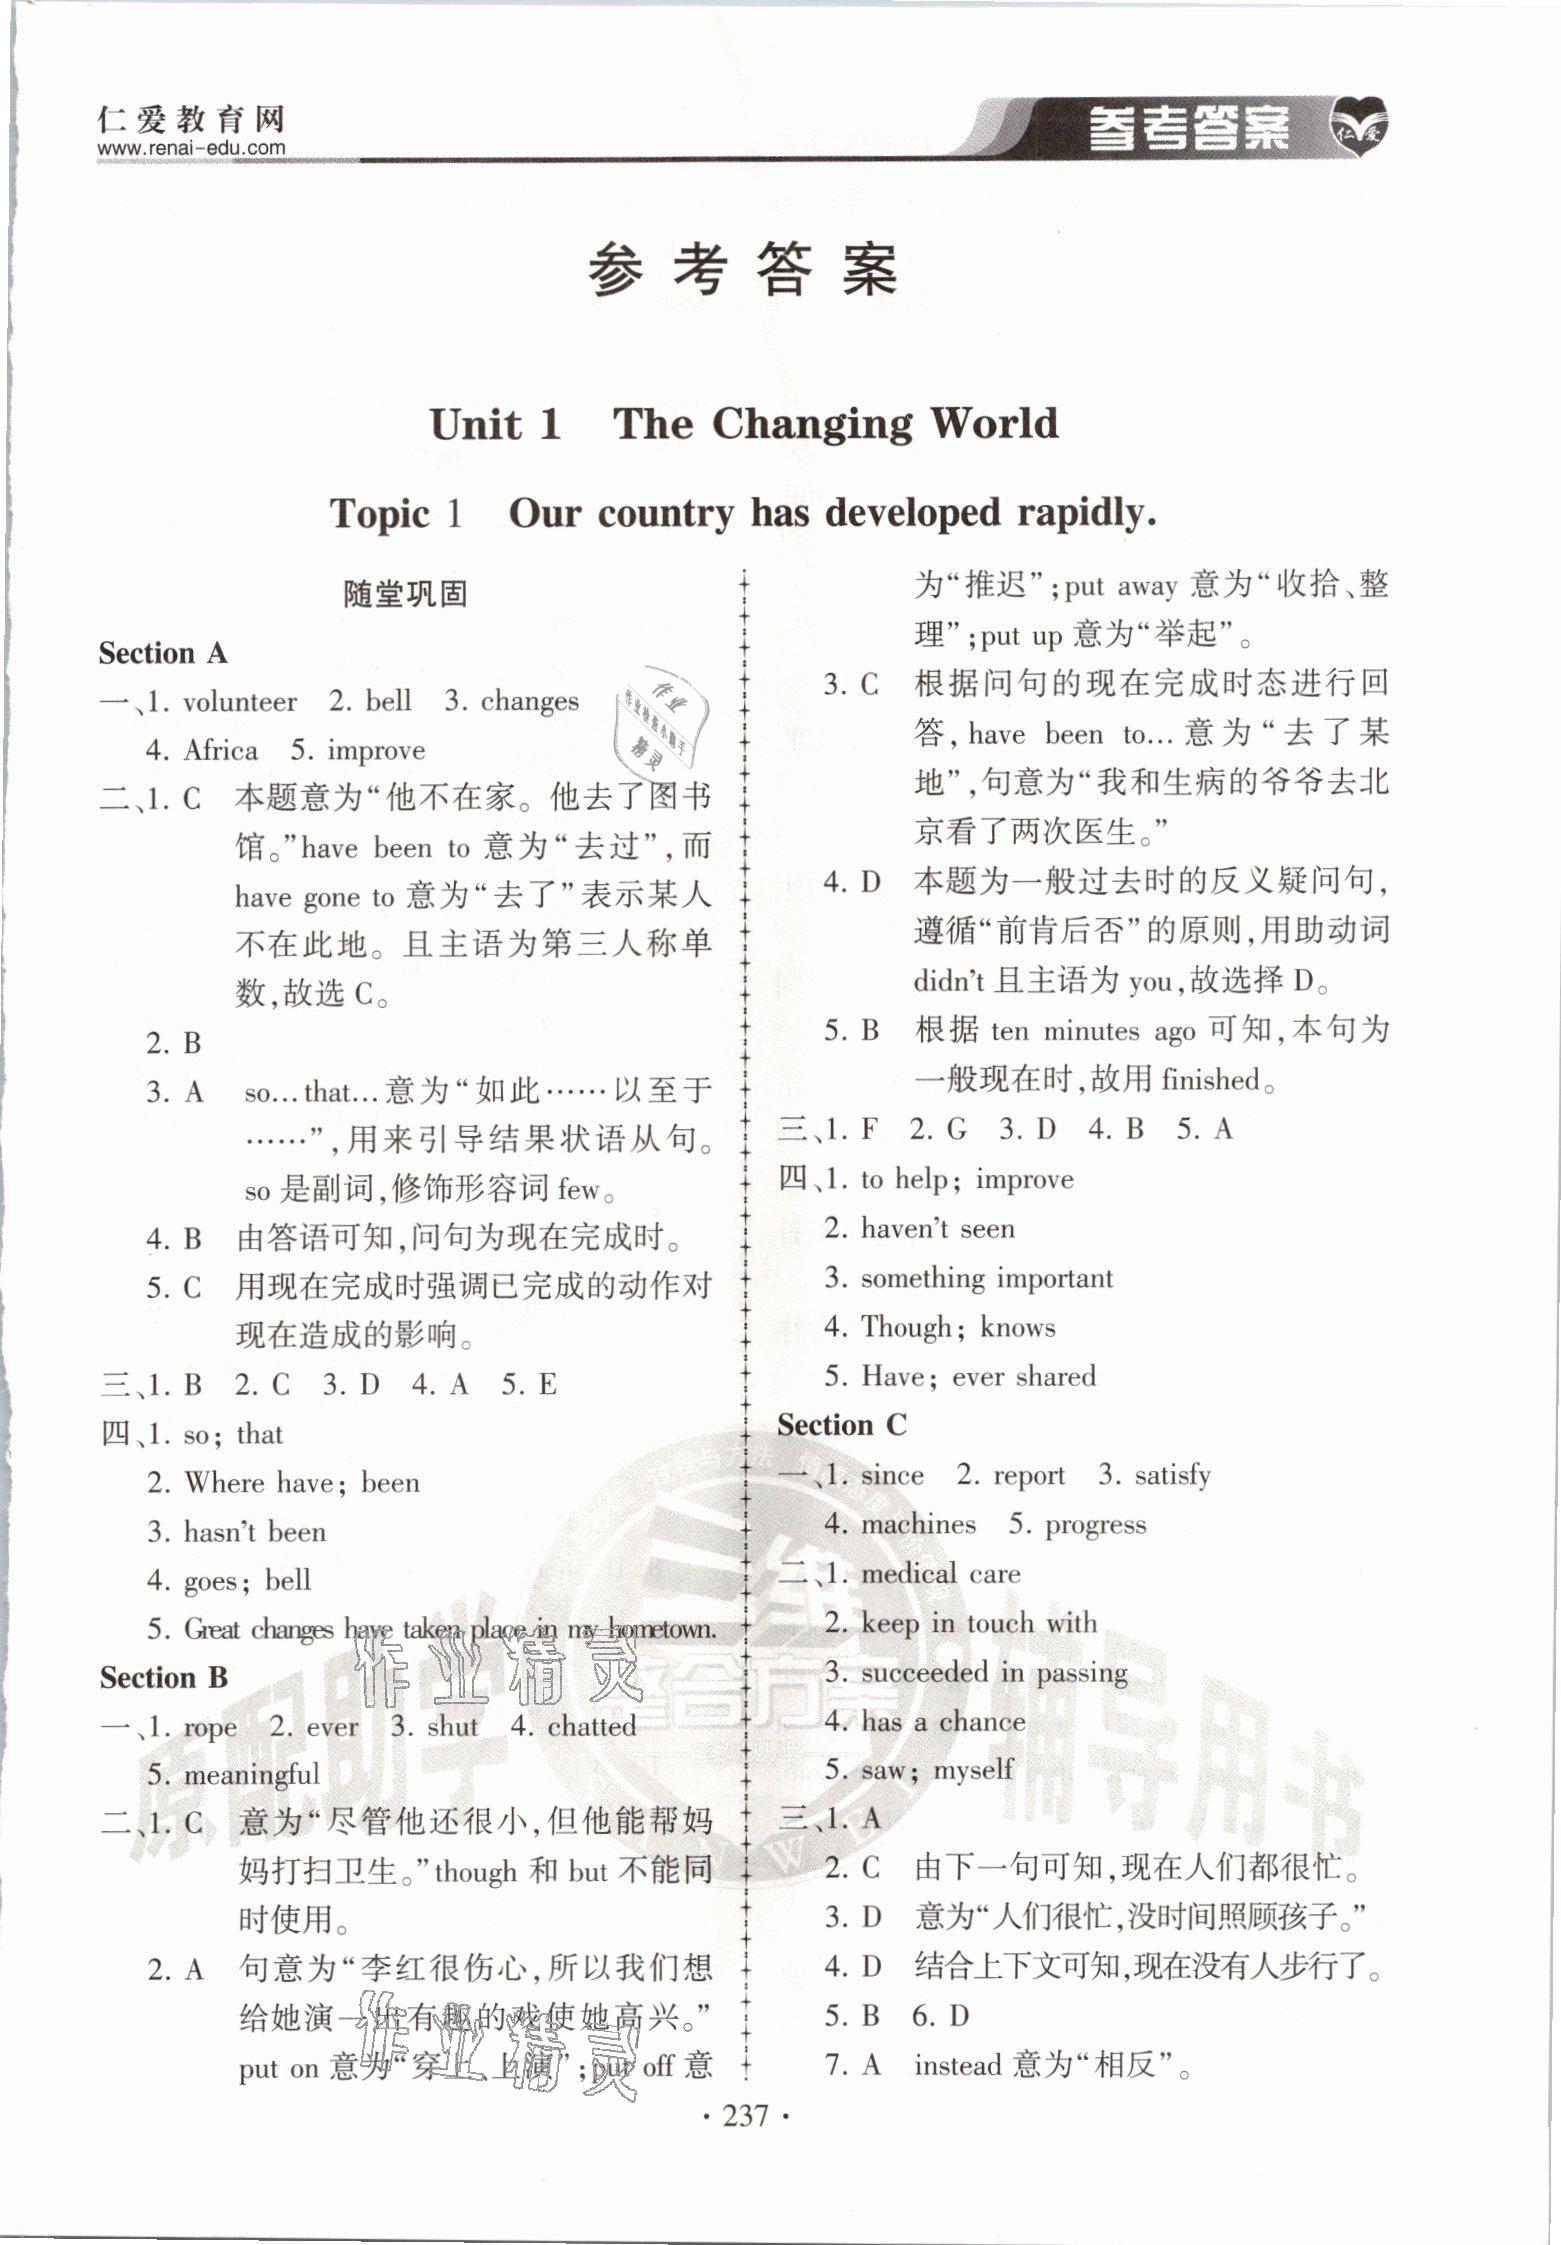 2021年仁爱英语同步练习册九年级全一册仁爱版内蒙古专版参考答案第1页